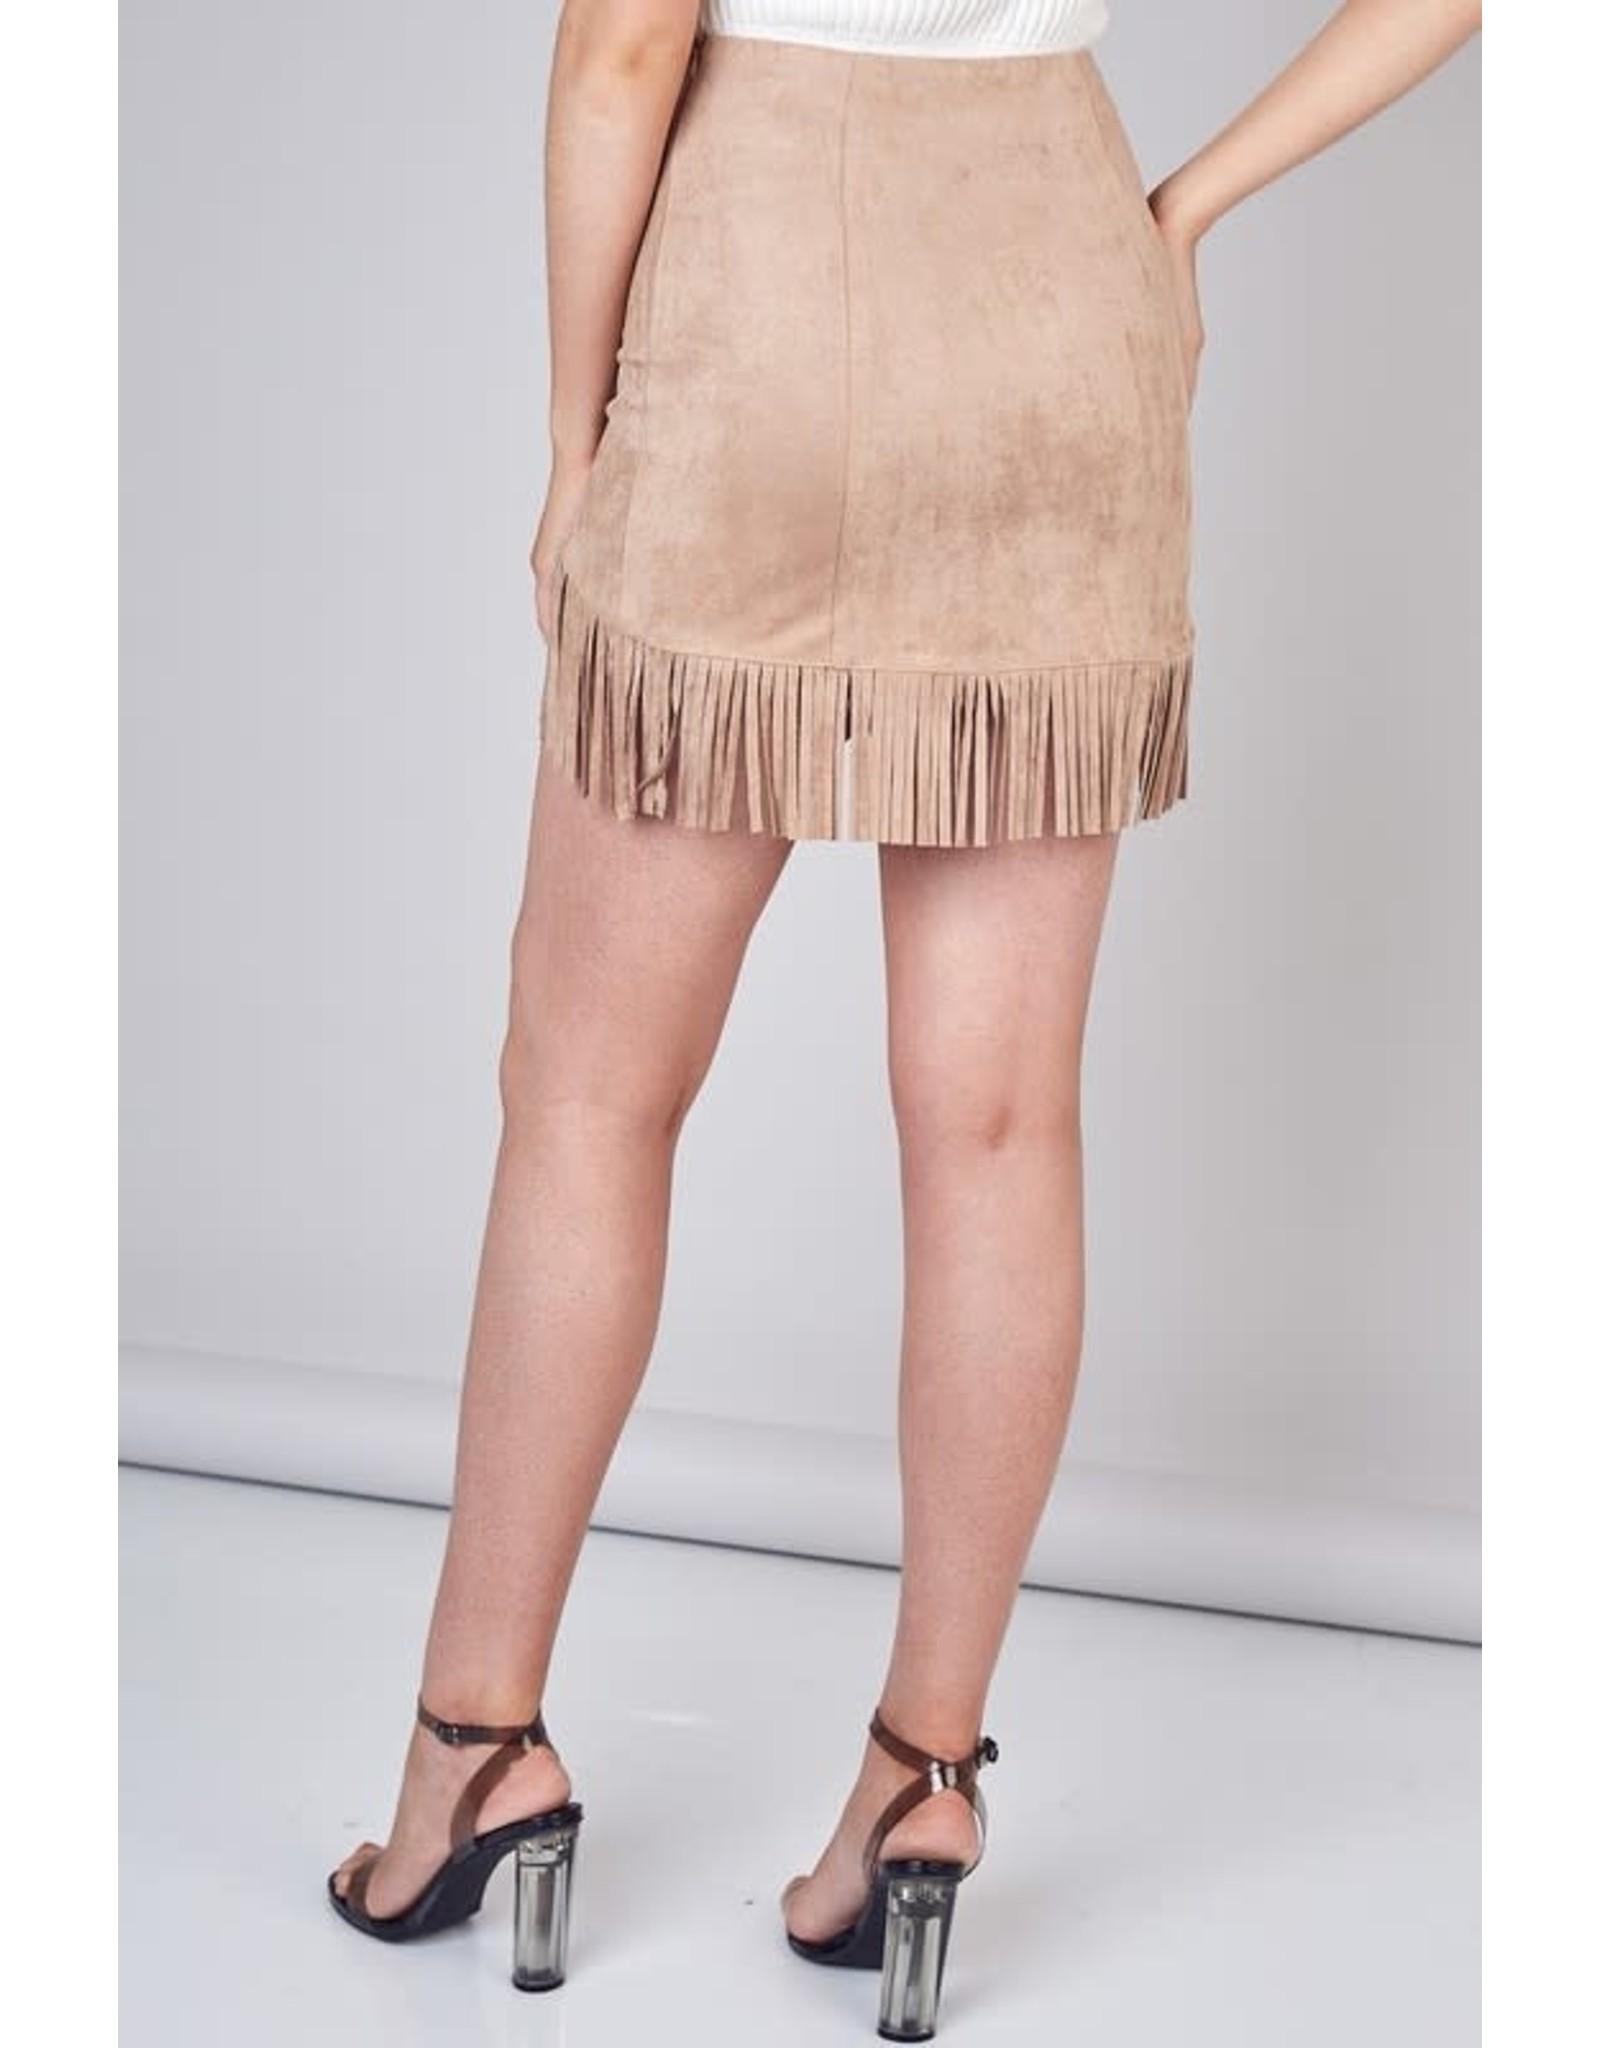 Dream Catcher Skirt